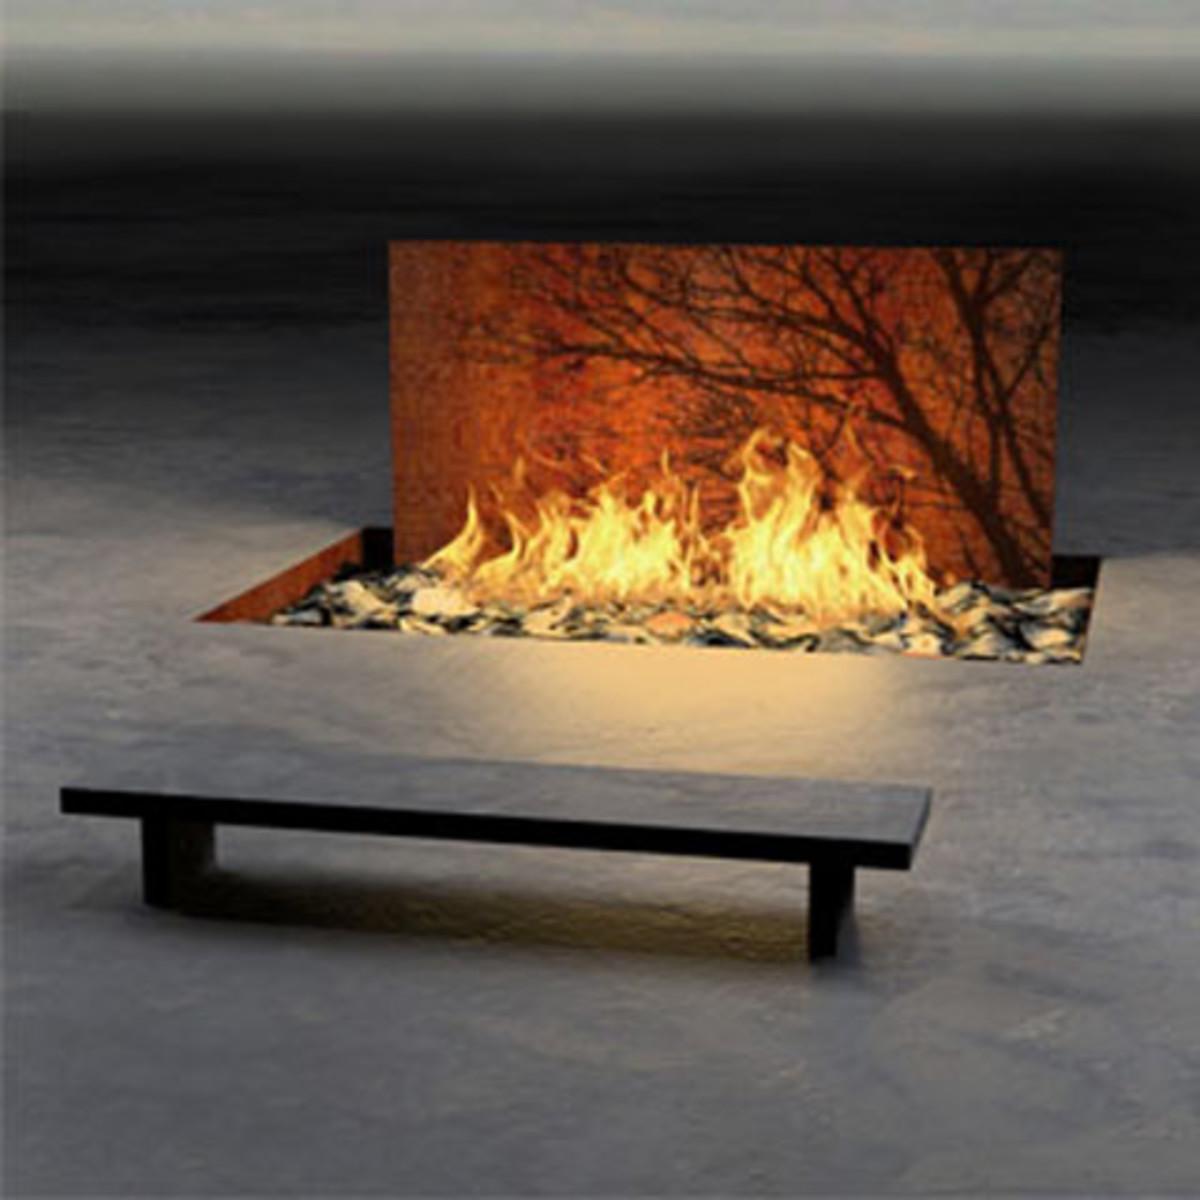 Sleek Art Backdrop Fireplaces